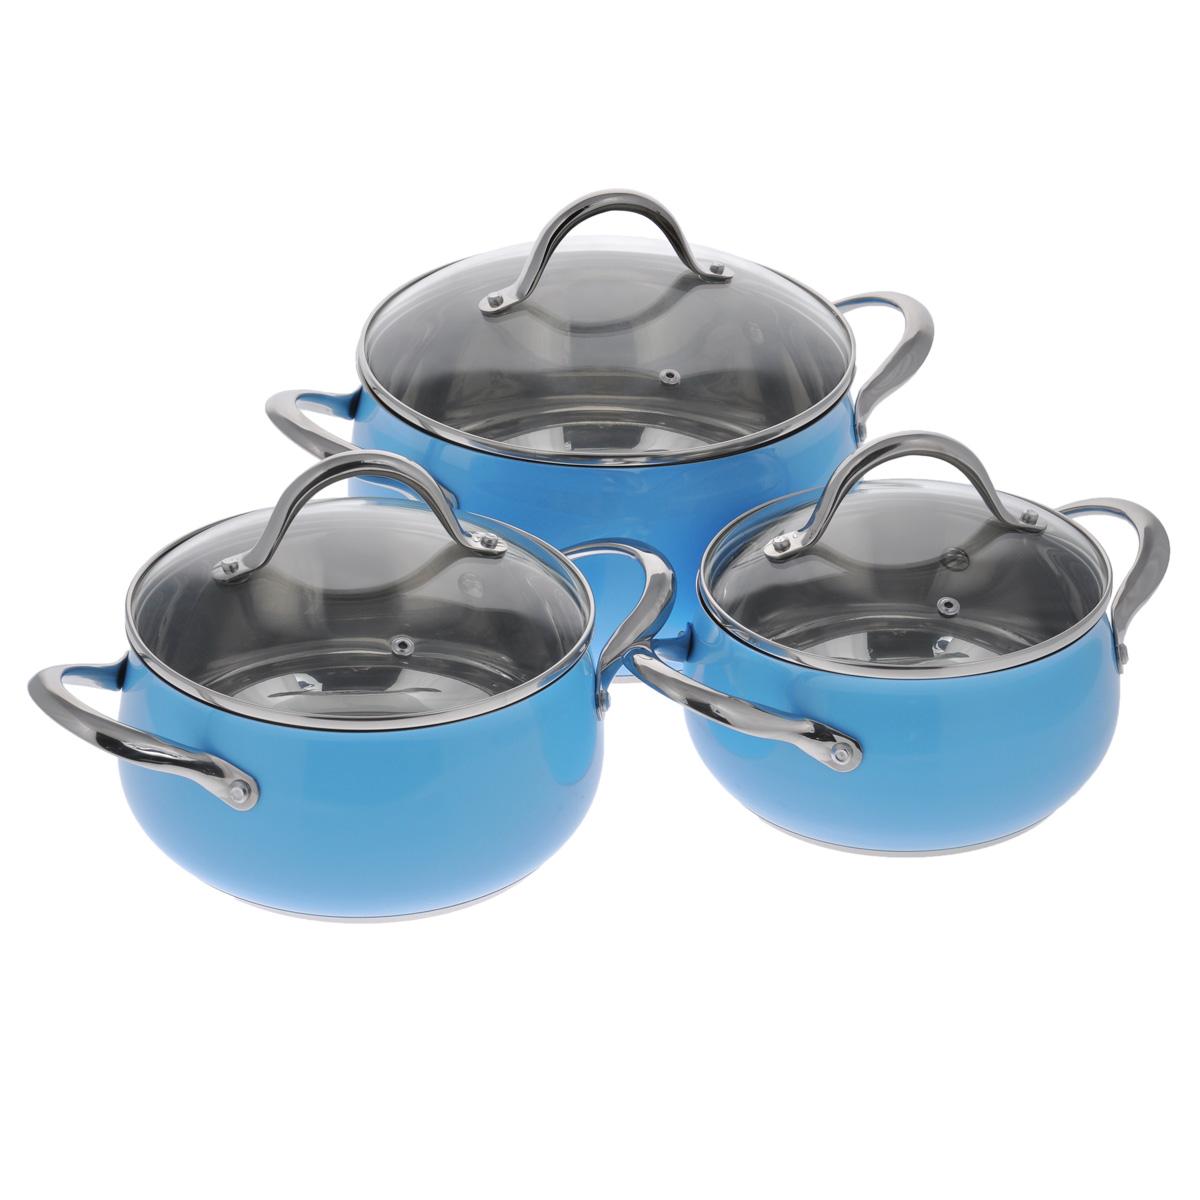 Набор посуды Winner, цвет: голубой, 6 предметов. WR-1103FS-91909В набор посуды Winner входят 3 кастрюли с крышками. Вся посуда выполнена из высококачественной нержавеющей стали 18/10, а идеально ровная внутренняя поверхность значительно облегчает мытье. Энергосберегающее, капсулированное дно быстро и равномерно распределяет тепло. Цветной корпус придает набору особо эстетичный внешний вид. Предметы набора оснащены двумя удобными ручками из нержавеющей стали. Крышки, выполненные из термостойкого стекла с ободком из нержавеющей стали и пароотводом, позволят вам следить за процессом приготовления пищи. Крышки плотно прилегают к краям посуды, предотвращая проливание жидкости и сохраняя аромат блюд.Подходит для газовых, электрических, стеклокерамических и индукционных плит. Можно мыть в посудомоечной машине.Набор посуды Winner - идеальный подарок для современных хозяек, которые следят за своим здоровьем и здоровьем своей семьи. Эргономичный дизайн и функциональность набора позволят вам наслаждаться процессом приготовления любимых, полезных для здоровья блюд. Объем кастрюль: 2,5 л; 3,2 л; 5,6 л. Внешний диаметр: 19 см; 21 см; 25 см. Внутренний диаметр: 18 см; 20 см; 24 см. Ширина кастрюль с учетом ручек: 29 см; 31 см; 35,5 см.Диаметр крышек: 18,5 см; 20,5 см; 24,5 см.Высота стенок: 10,1 см; 10,8 см; 12,9 см.Толщина стенки: 0,7 мм.Толщина дна: 4 мм.Диаметр дна: 16,5 см; 18 см; 22,5 см.